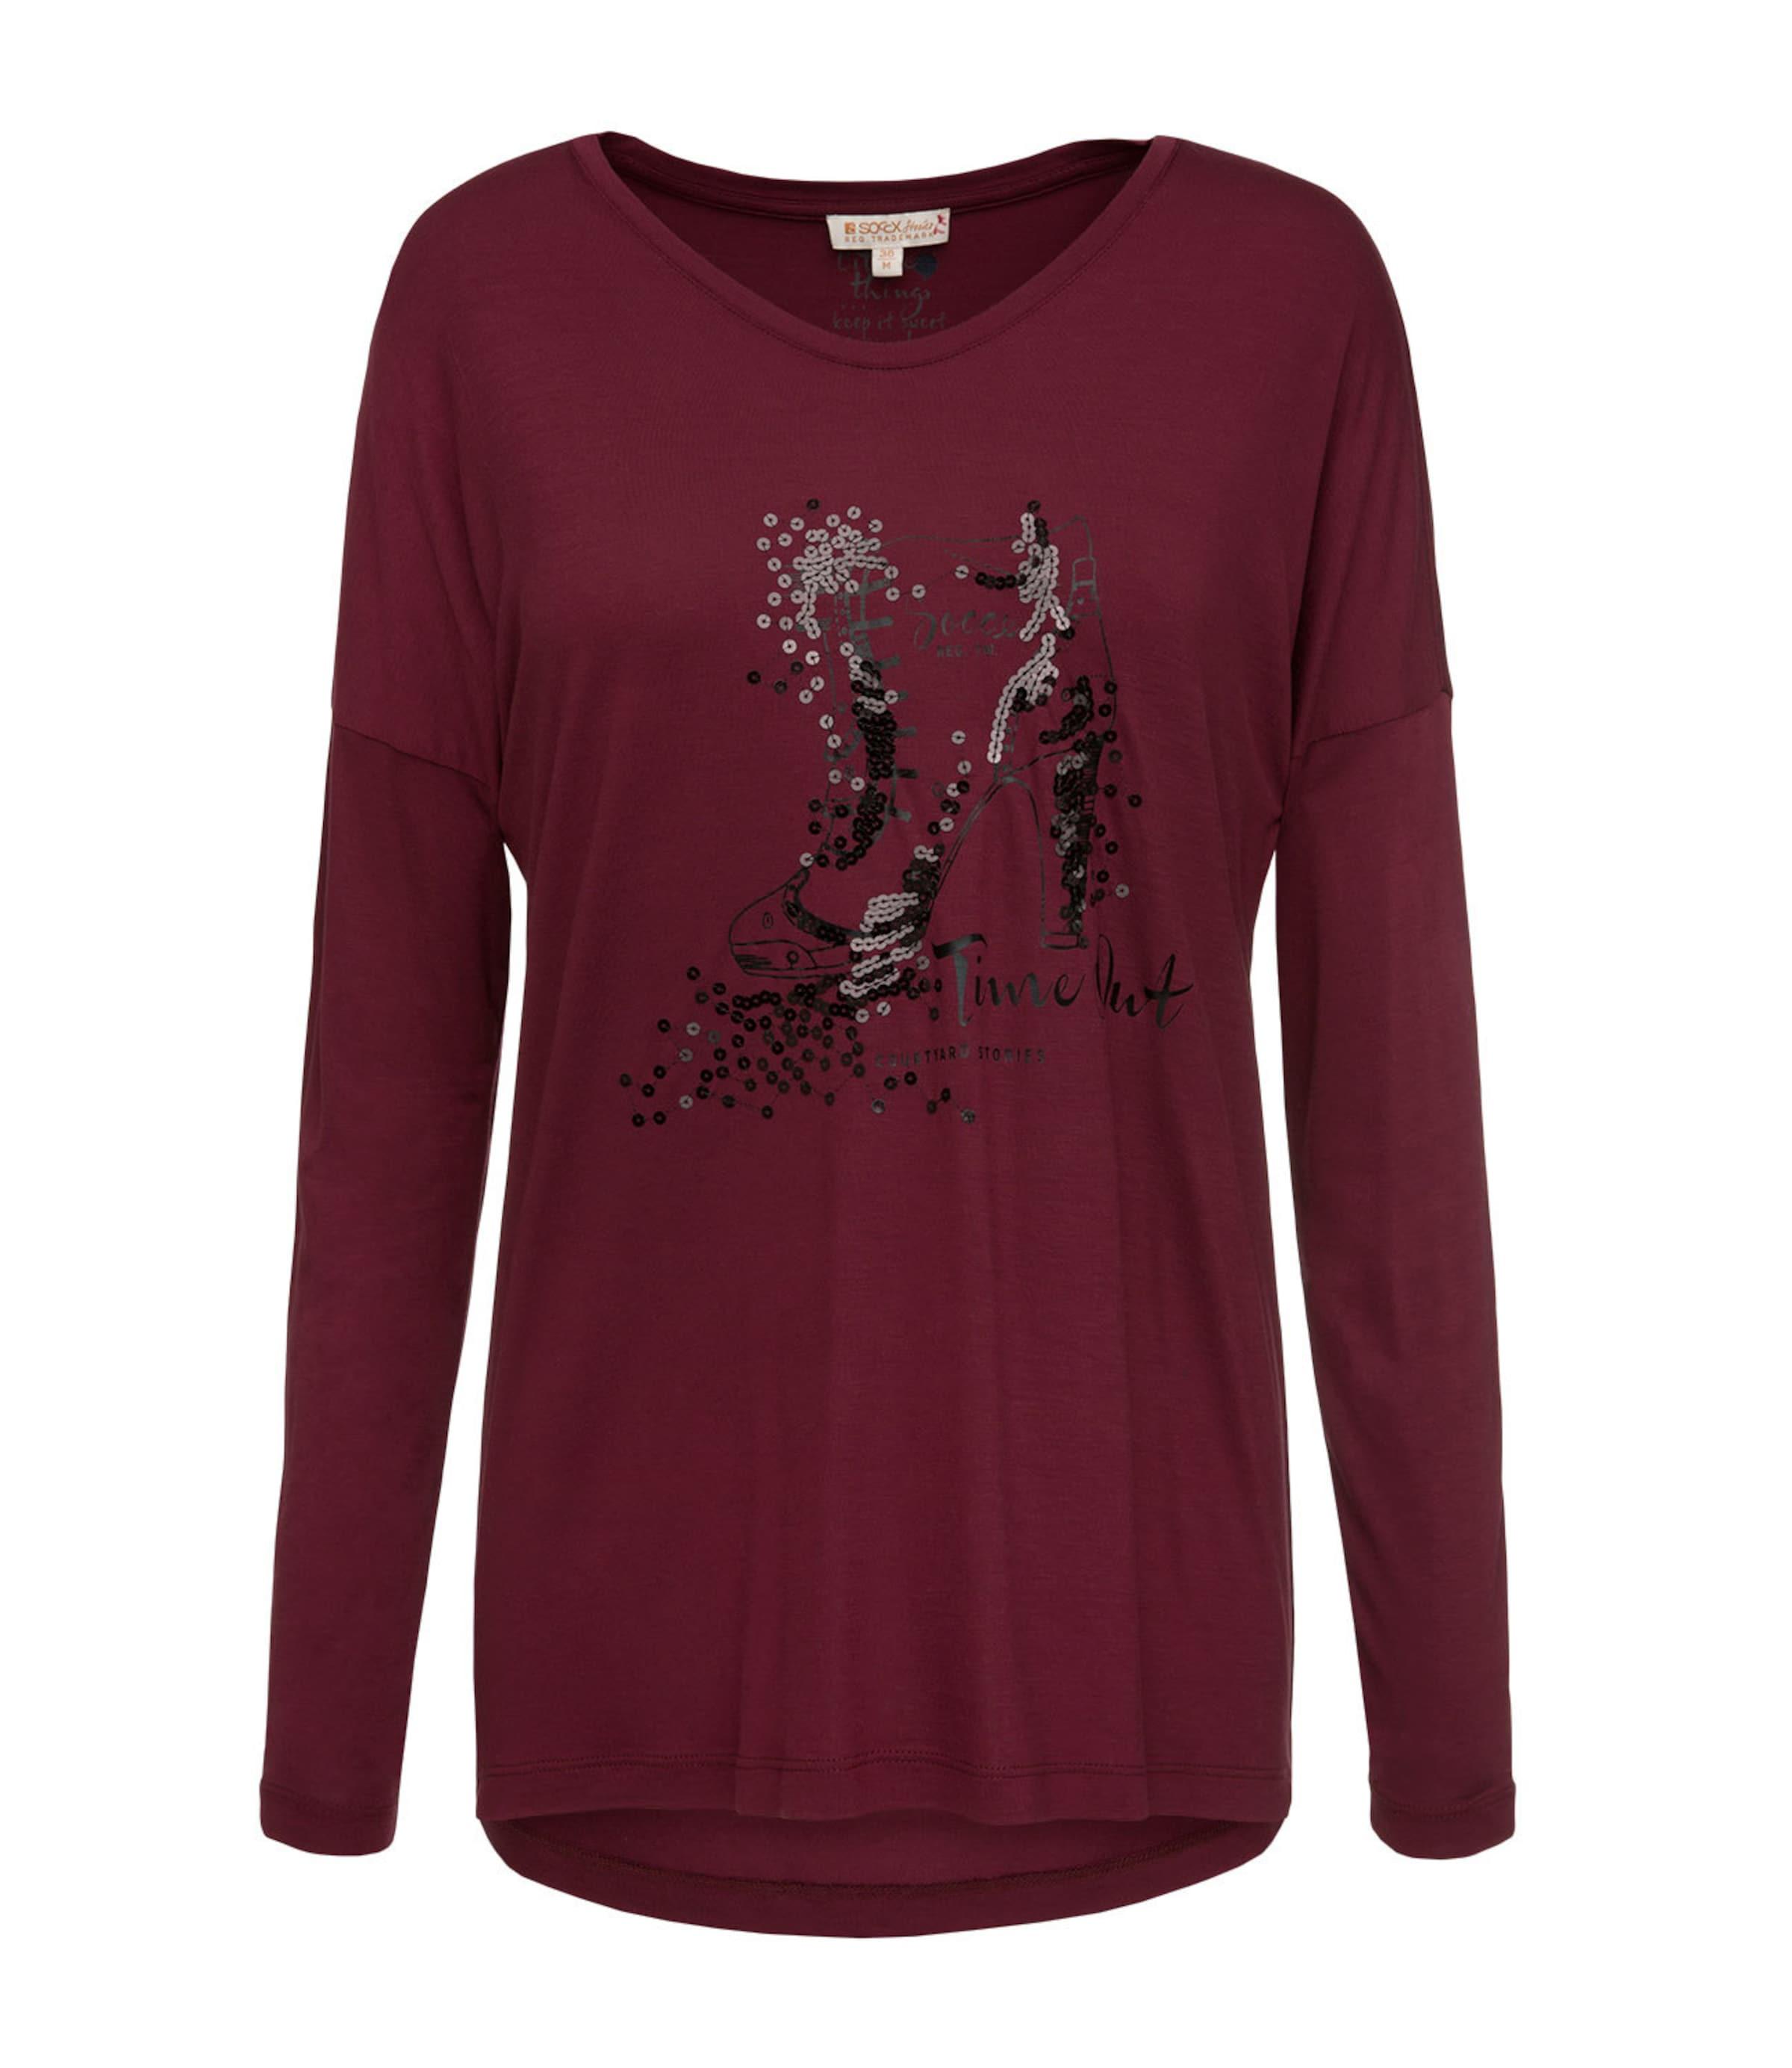 Shirt In Soccx In BurgunderSchwarz Shirt Soccx mnPvOy8wN0